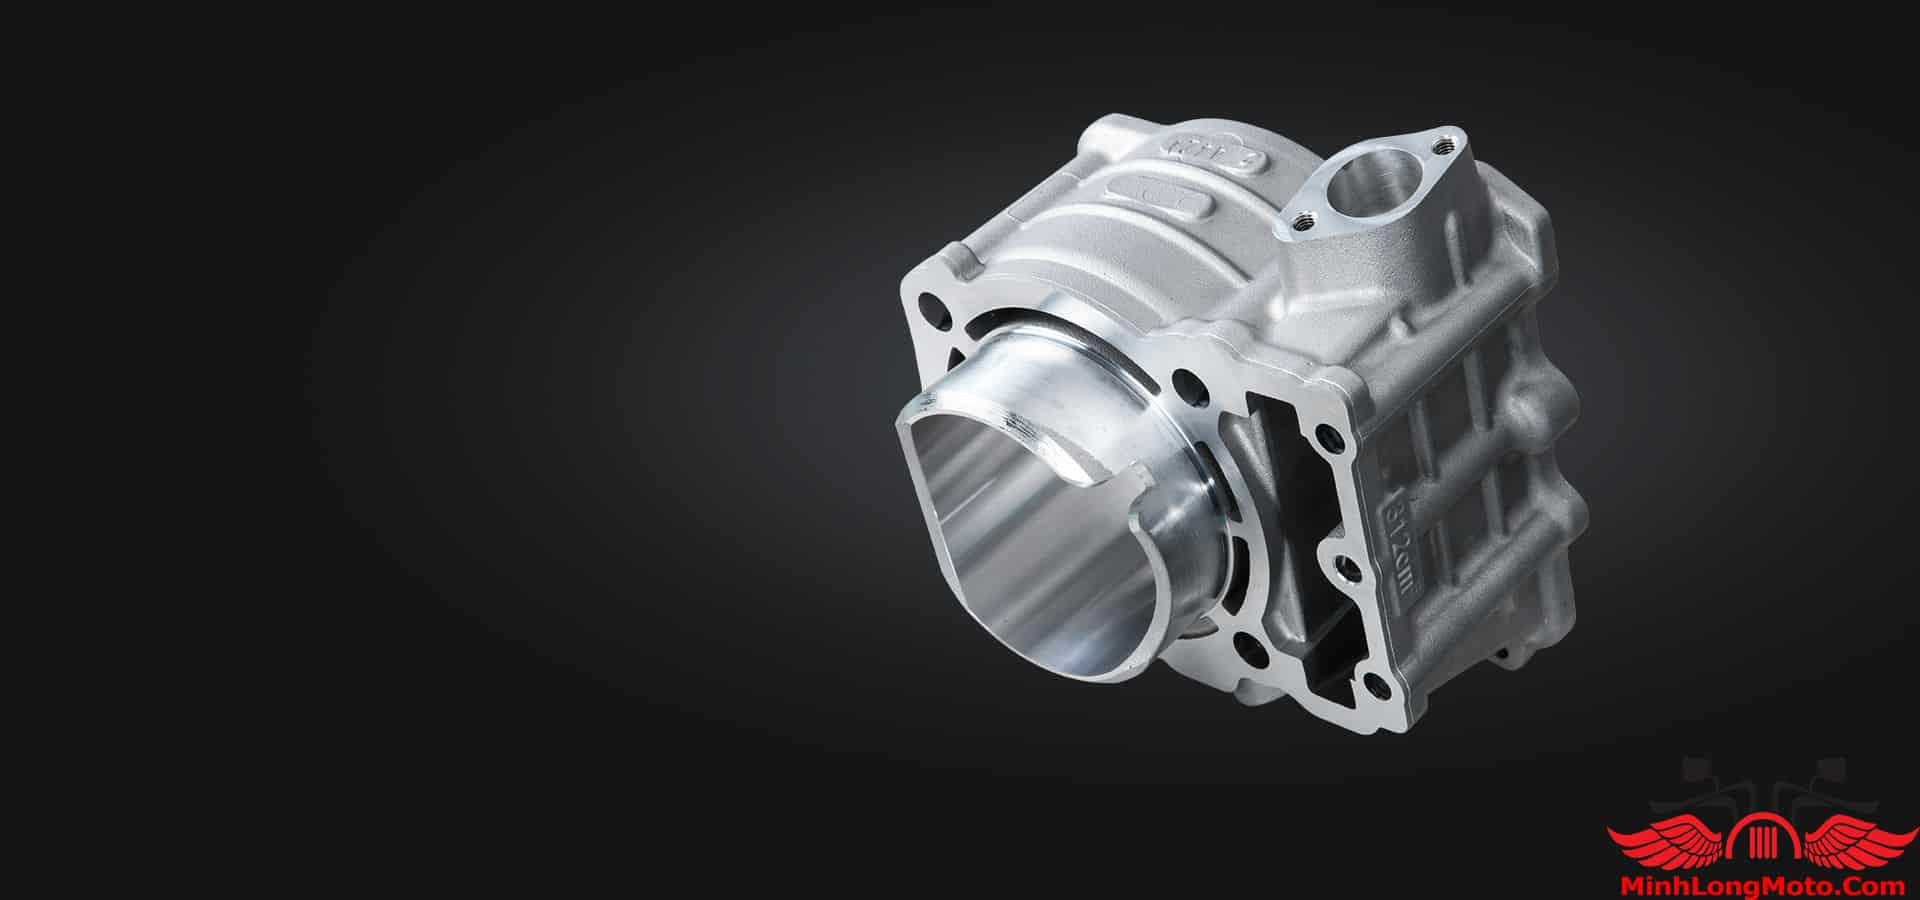 Động cơ xe Zontes 310R1